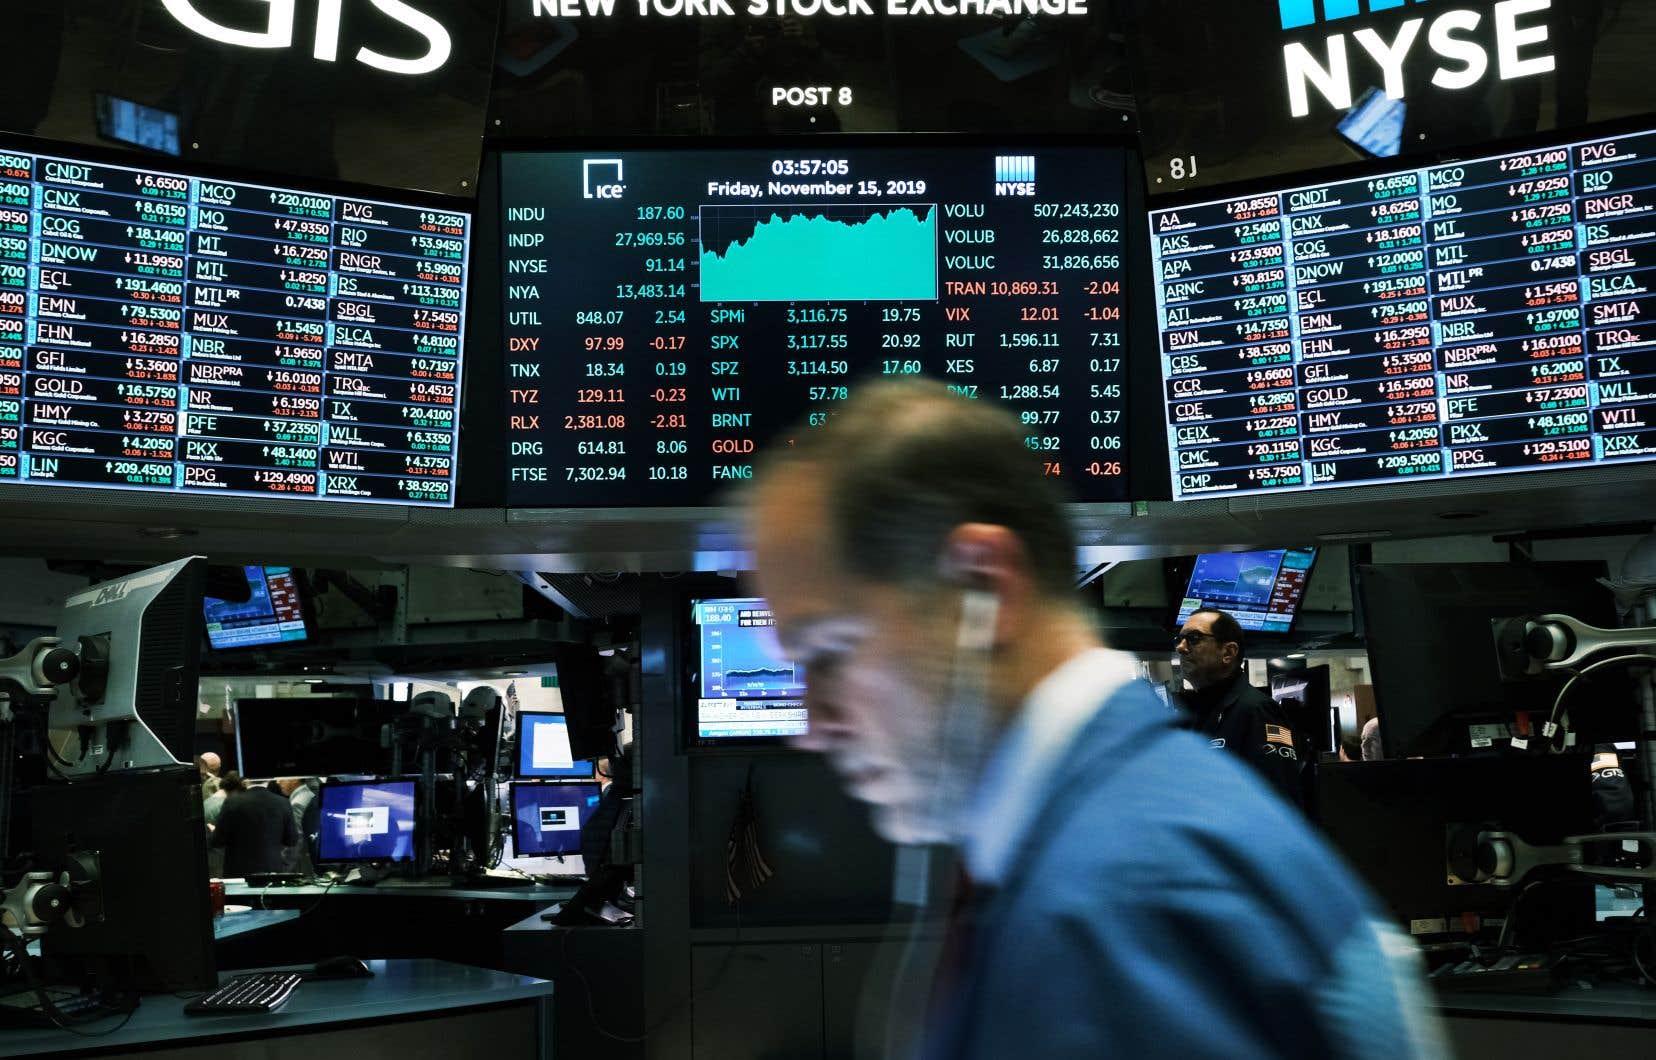 Wall Street avait déjà terminé nettement dans le rouge vendredi, affectée par les incertitudes persistantes entourant l'épidémie de pneumonie virale.